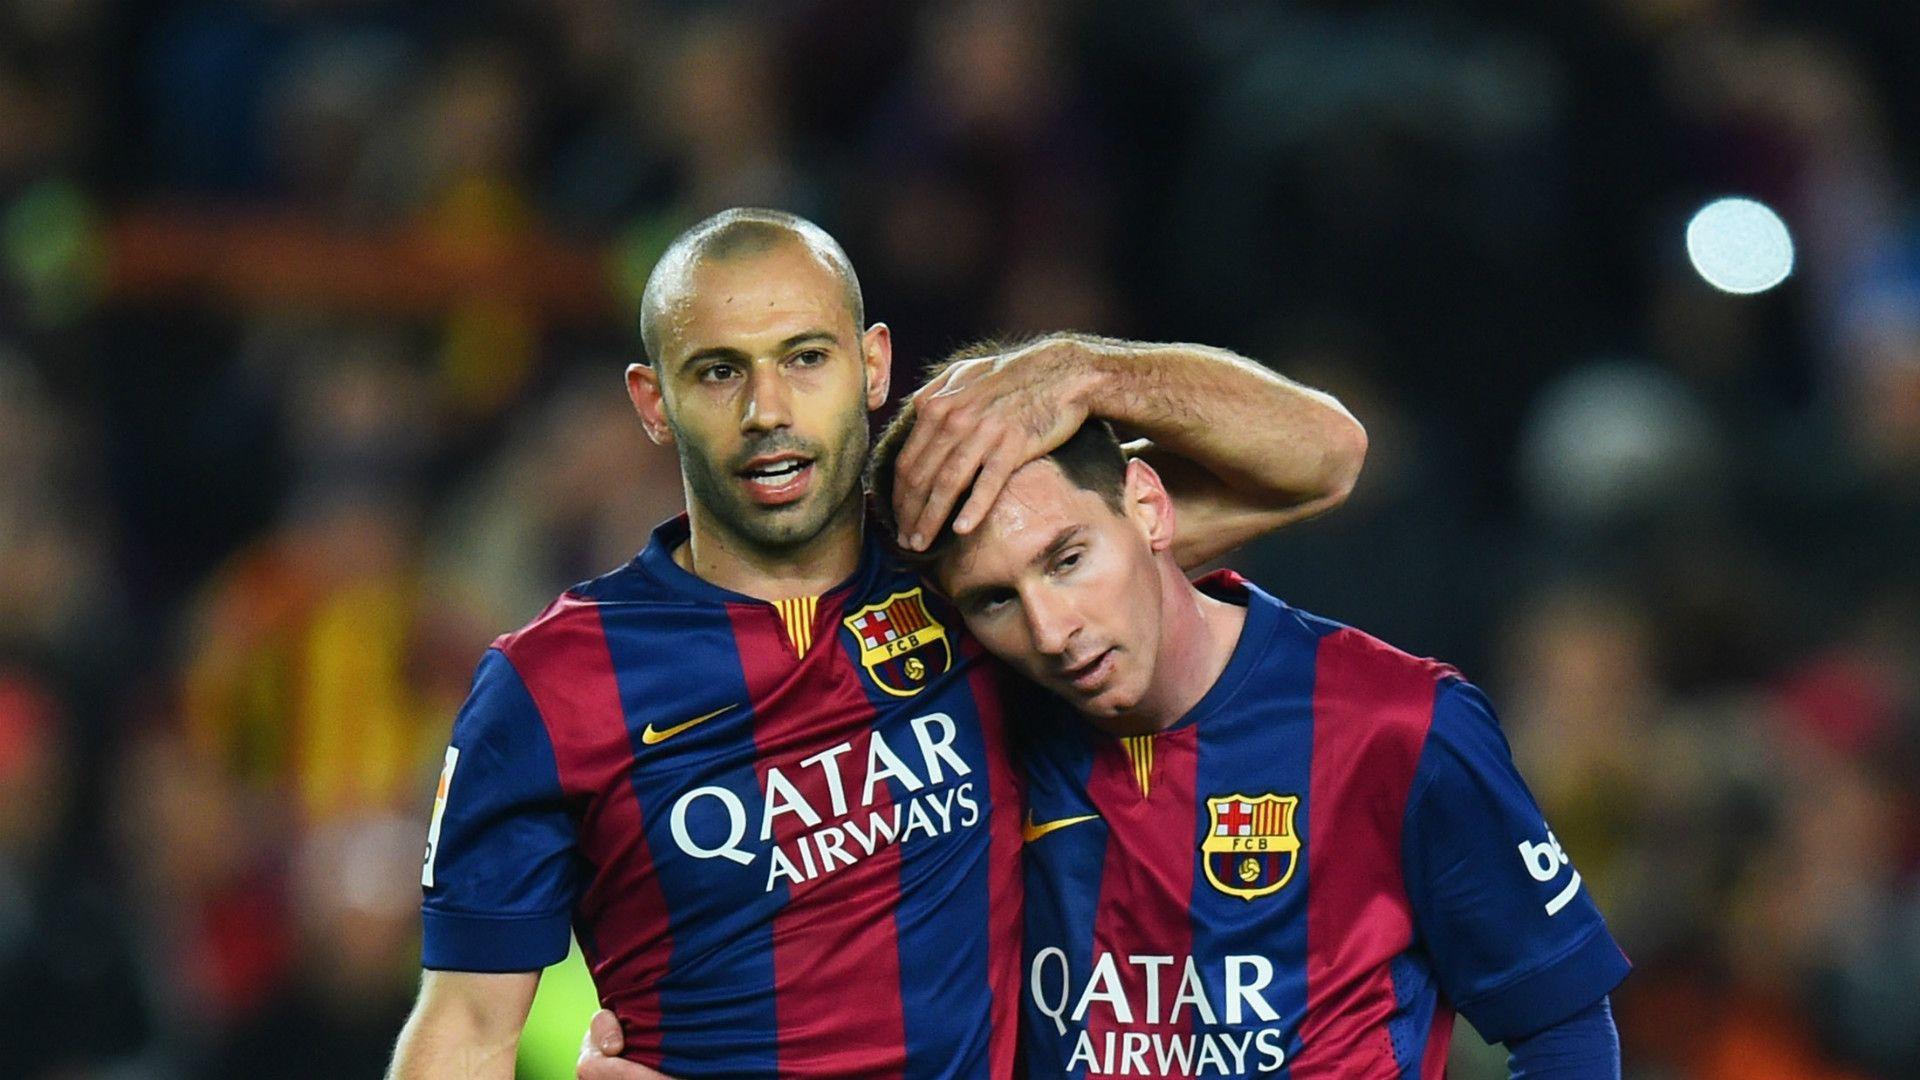 Con Messi a su lado